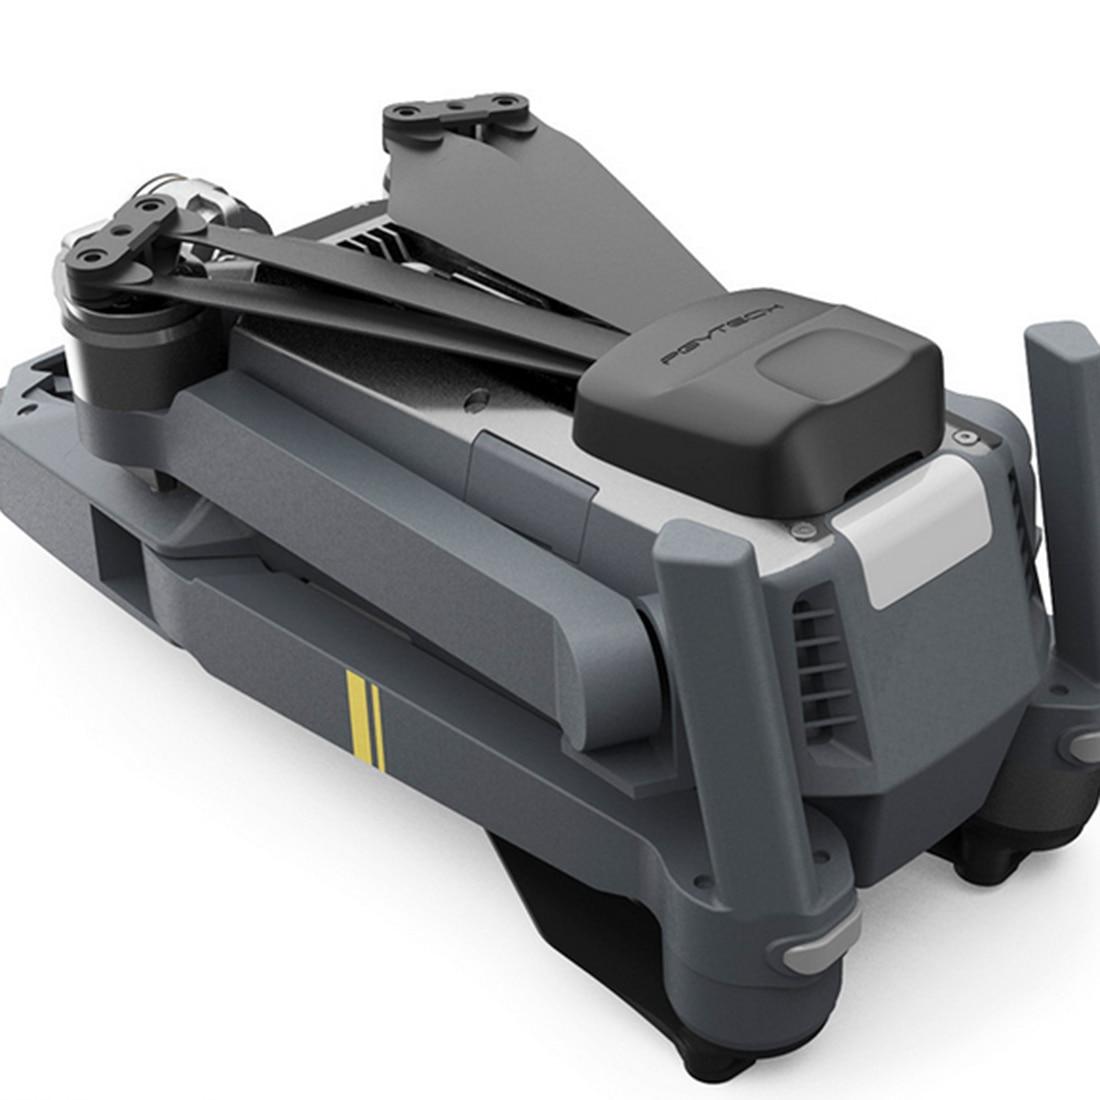 Защита моторов защитные силиконовые mavic combo алиэкспресс комплектация комбо mavic pro стоимость с доставкой